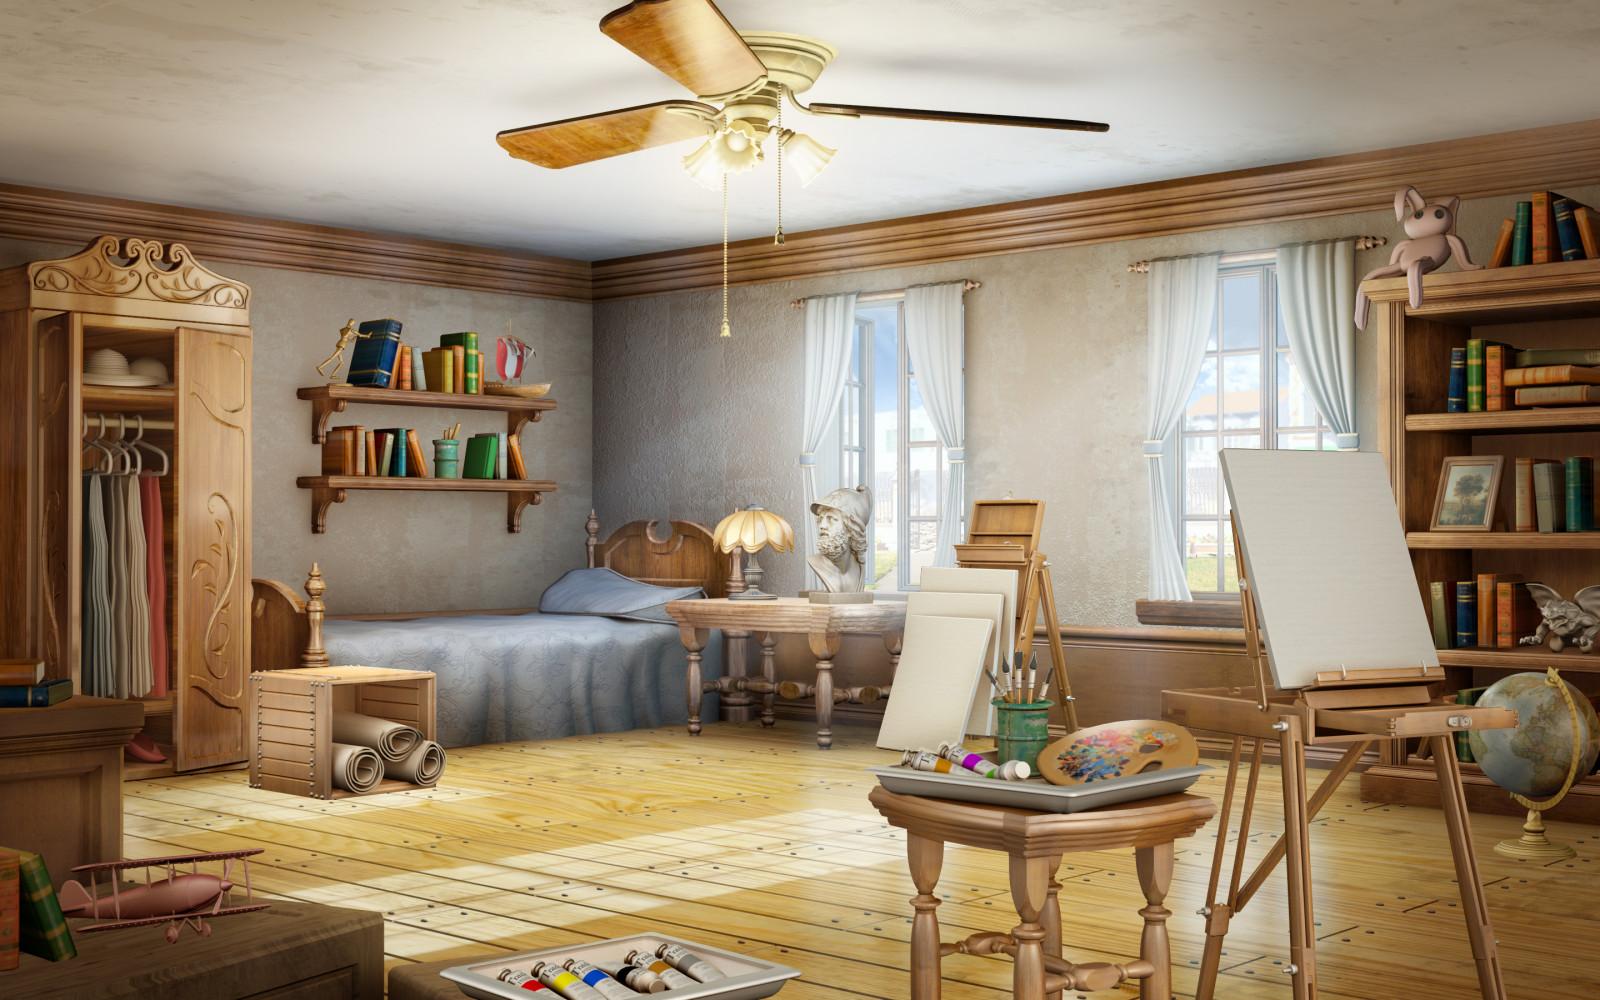 Ingyenes háttérképek : szoba, belső, faipari, ház, belsőépítészet ...